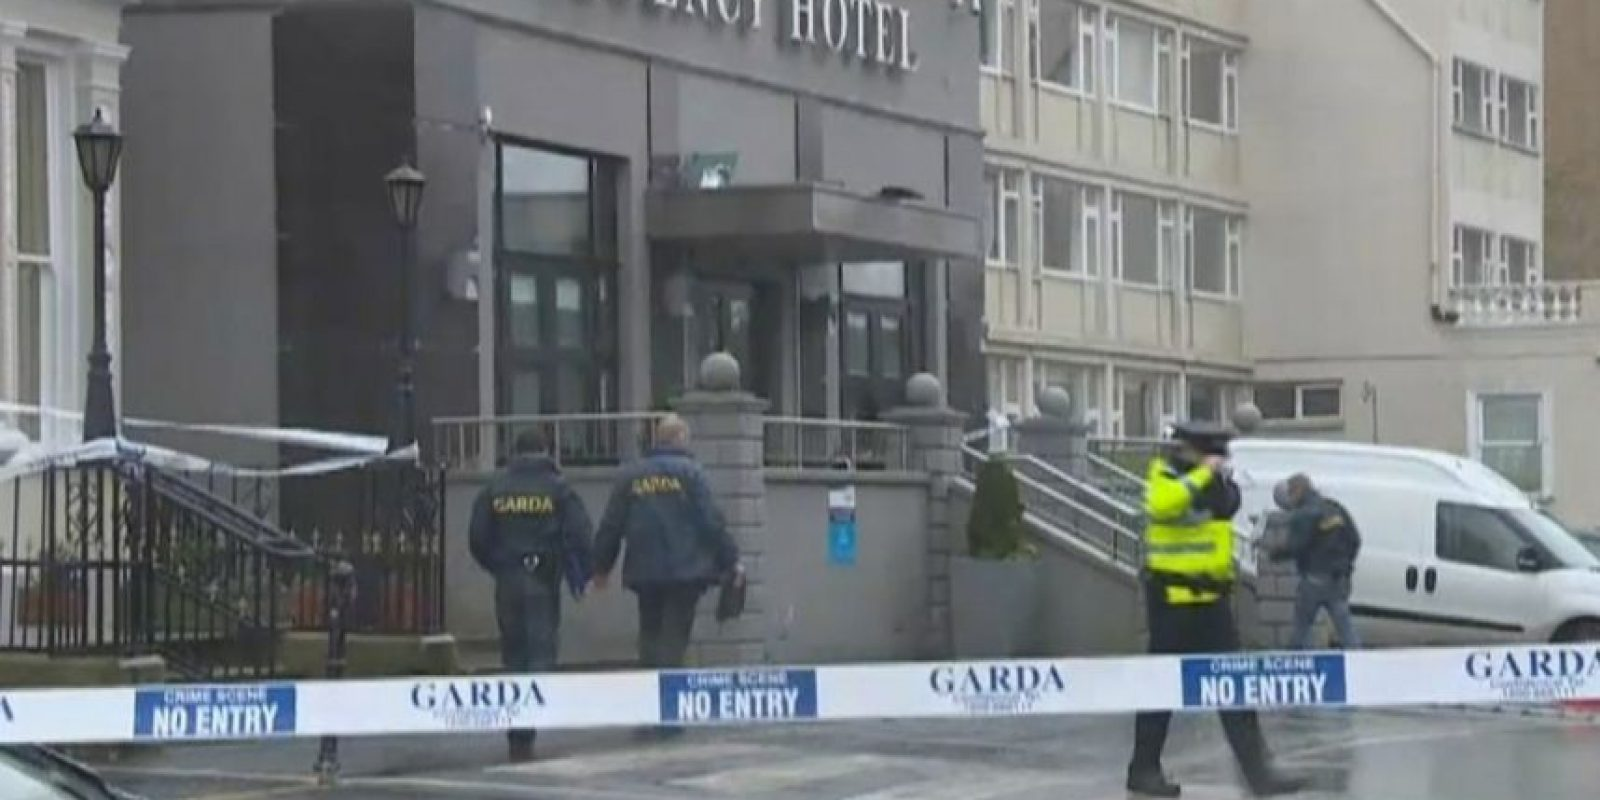 Testigos aseguran los atacantes estaban disfrazados de policías Foto:Vía Twitter